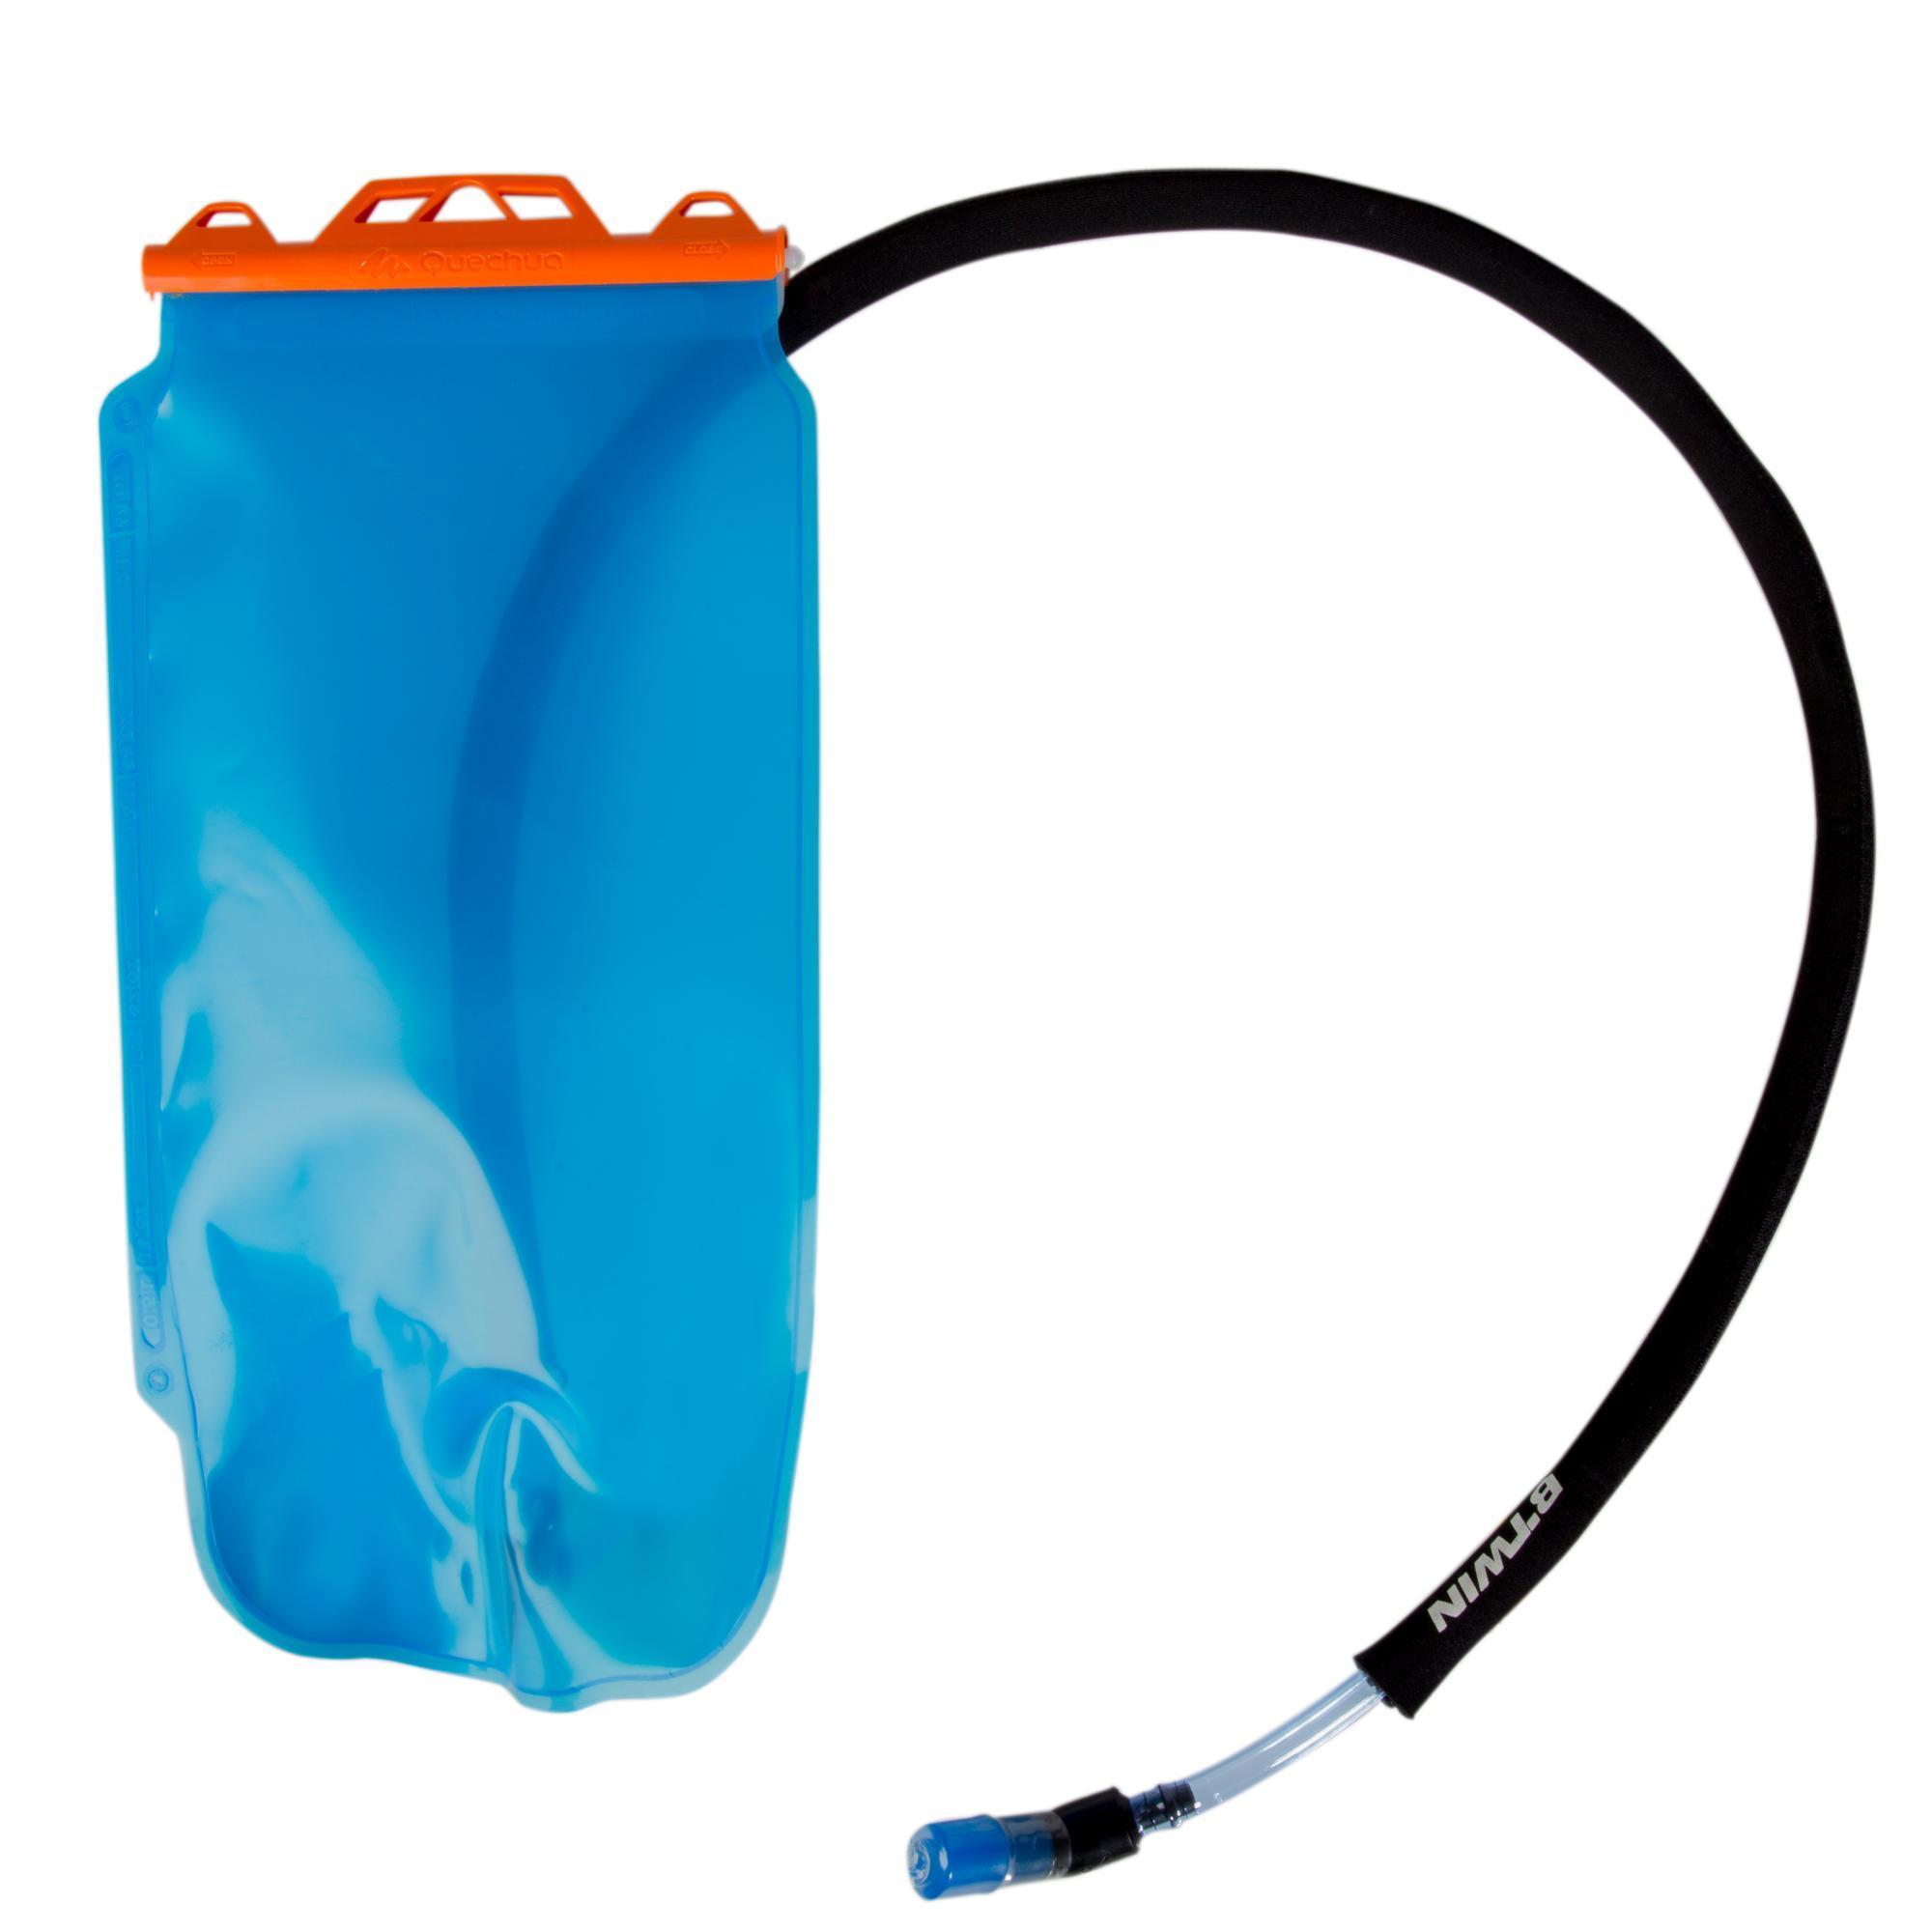 023e83e9012 B'twin Waterzak 1 liter kopen met voordeel - Sport artikelen ...